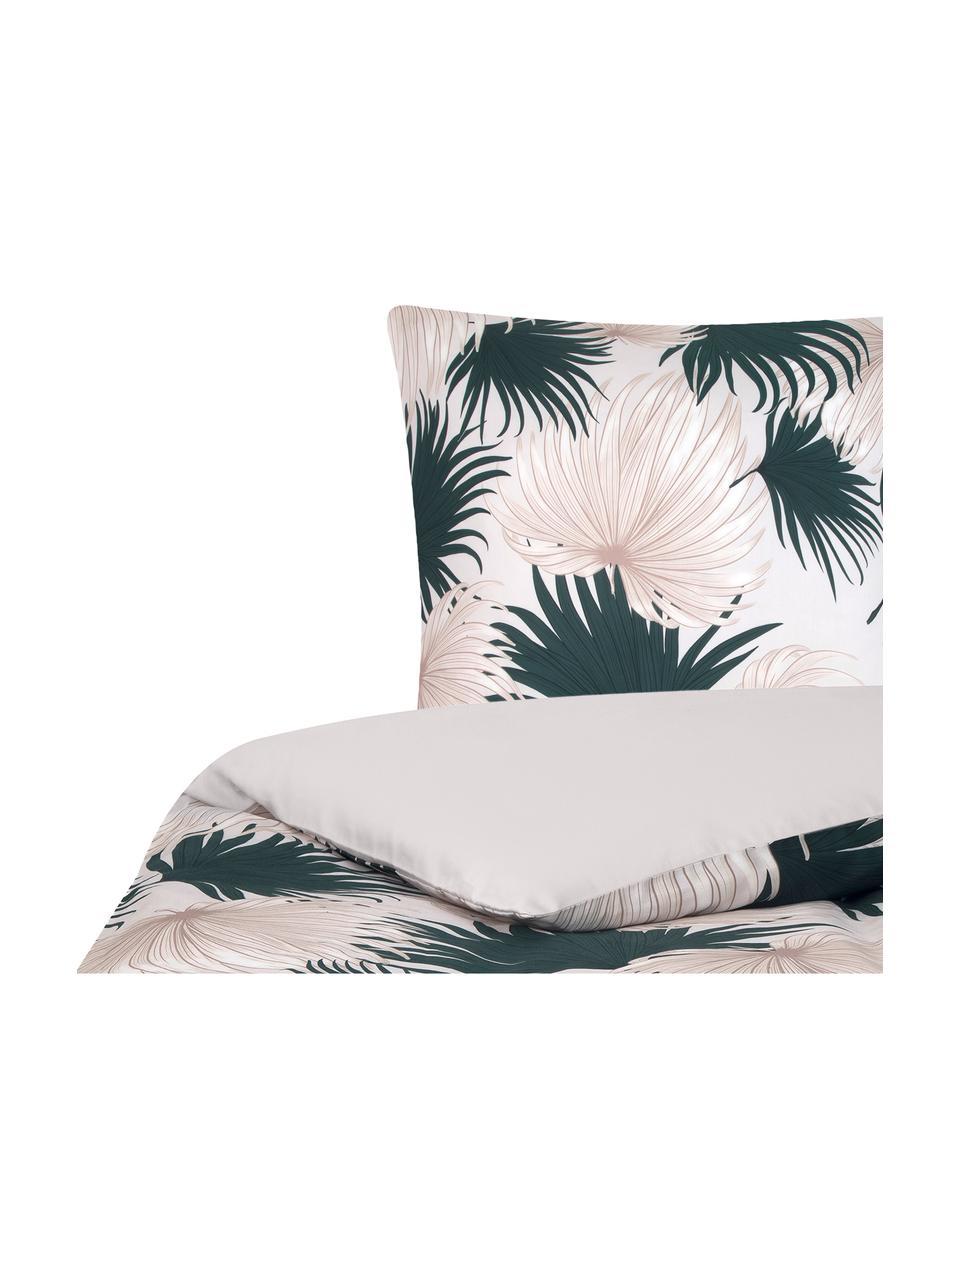 Pościel z satyny bawełnianej Aloha, Przód: beżowy, zielony Tył: beżowy, 240 x 220 cm + 2 poduszki 80 x 80 cm